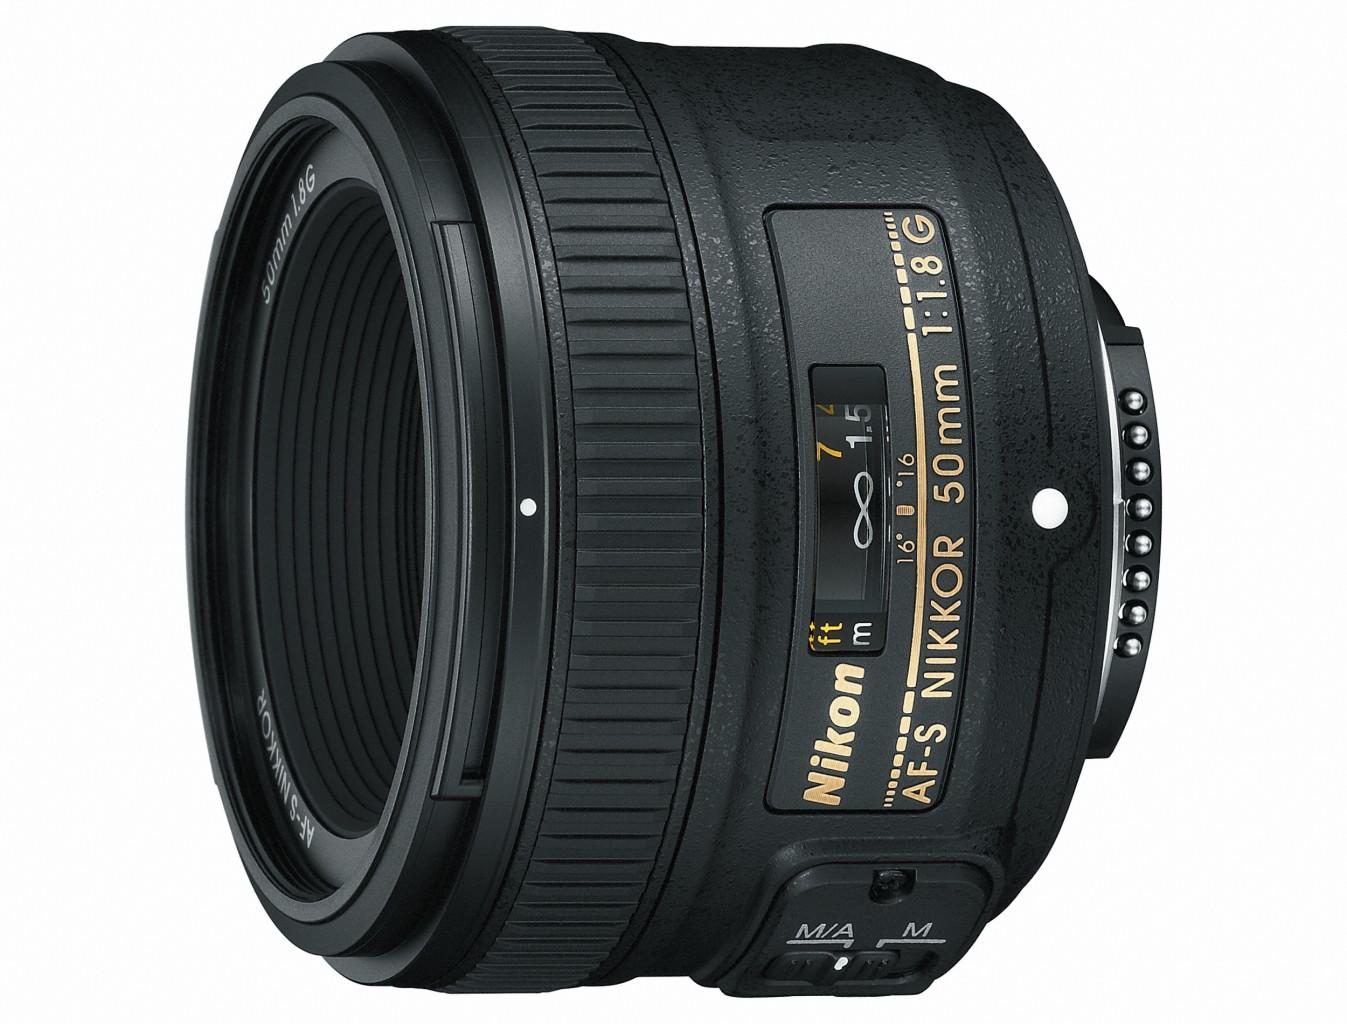 Eine 50mm Festbrennweite eignet sich gut für Objektfotografie